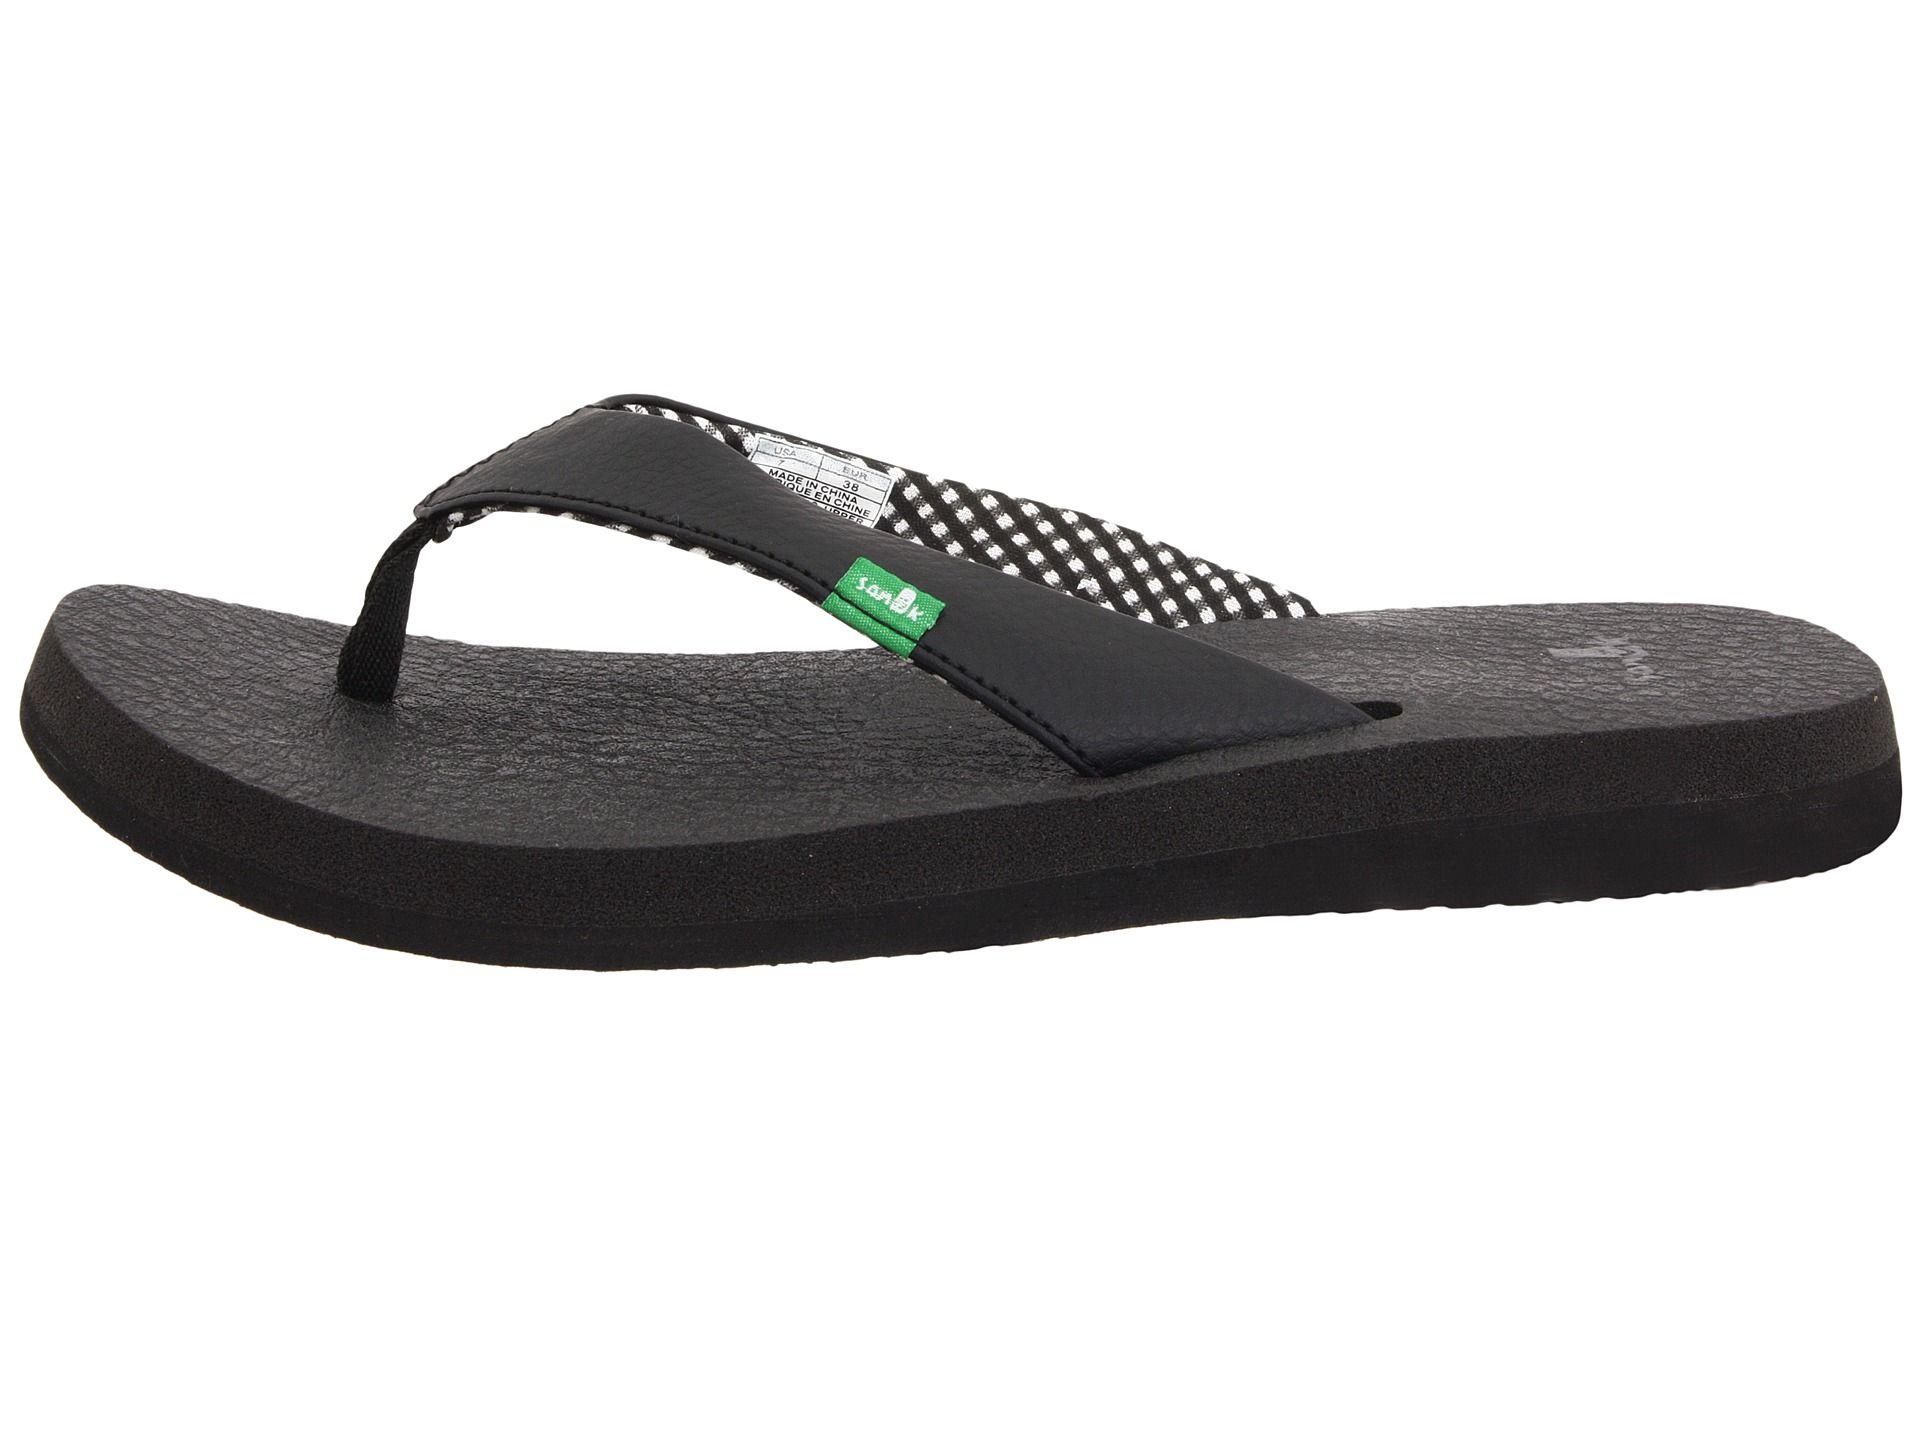 yoga flip sanuk flops mats snuk womens fashion s sandals flop women mat